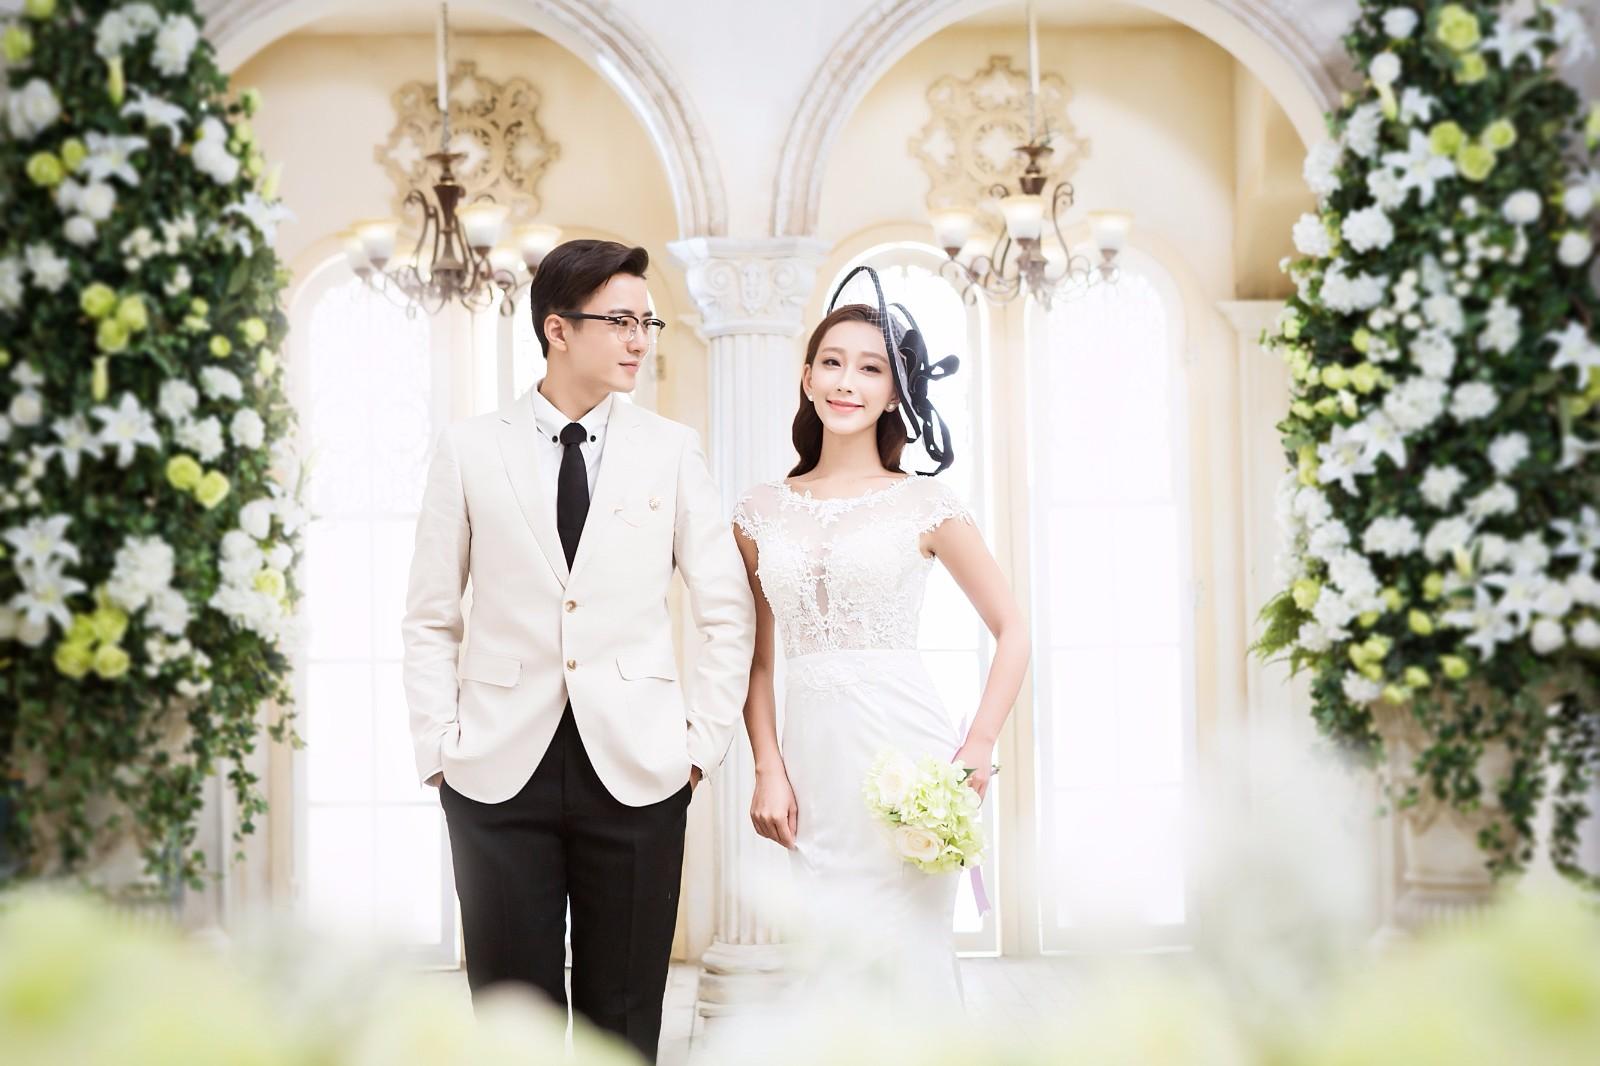 婚礼英文歌曲可以为我们的婚礼增添不少的色彩